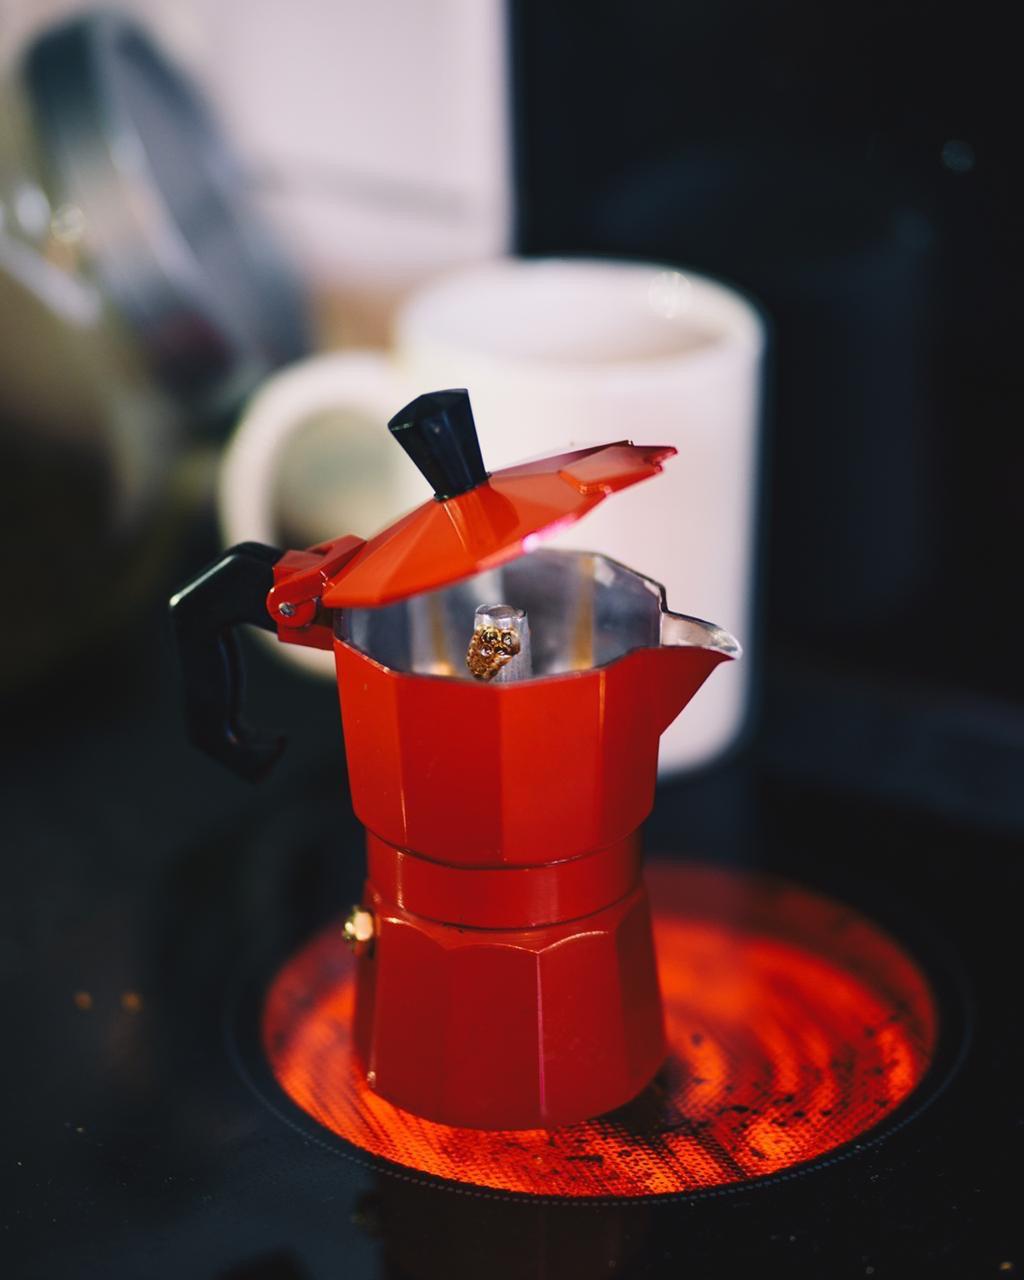 Café sendo extraído na Prensa Italiana vermelha